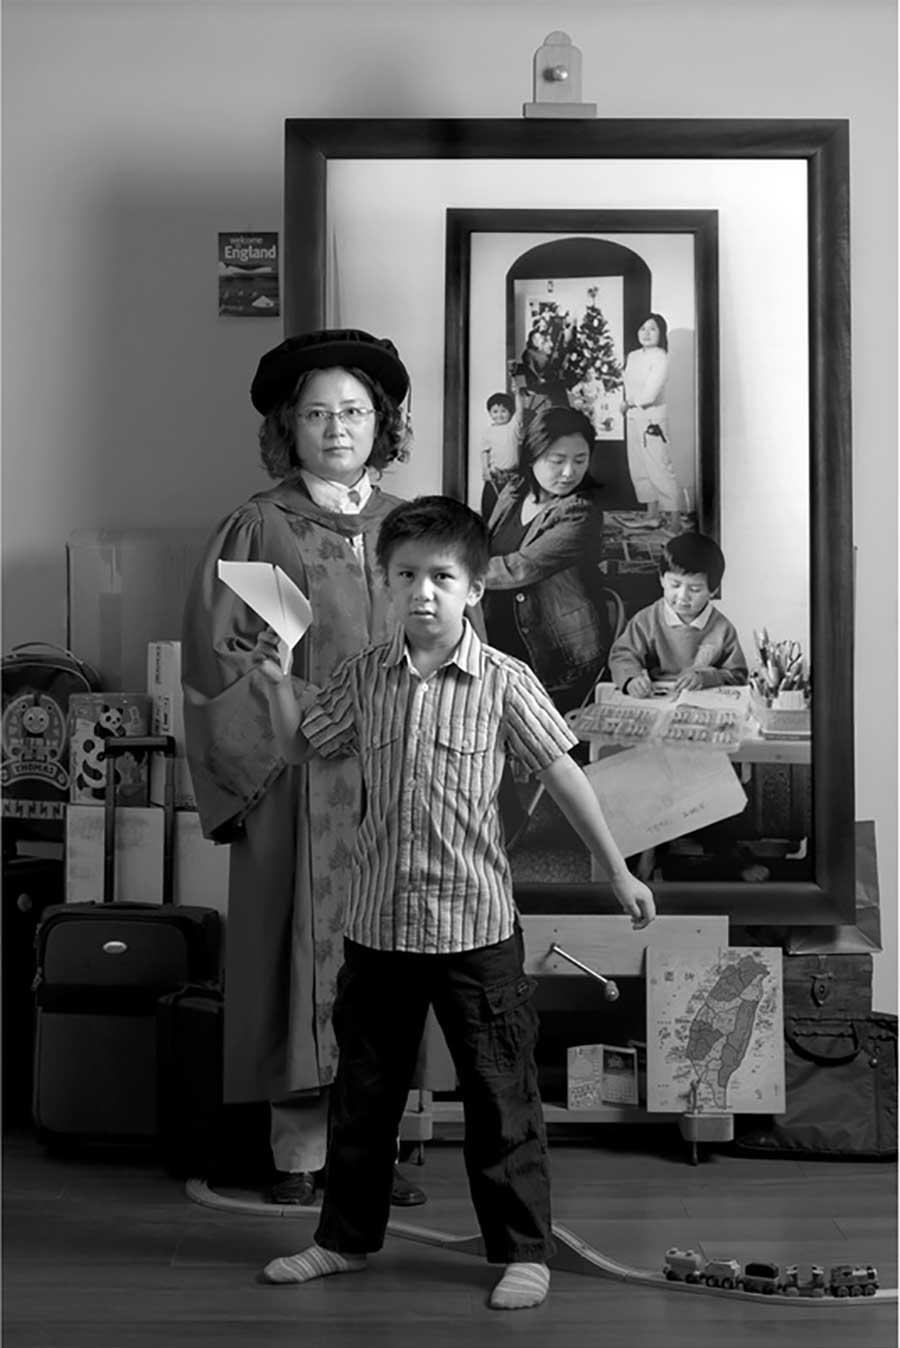 Mutter fügt 17 Jahre Bildebenen hinzu, die Sohn aufwachsen zeigen mutter-17-jahre-foto-in-foto_08